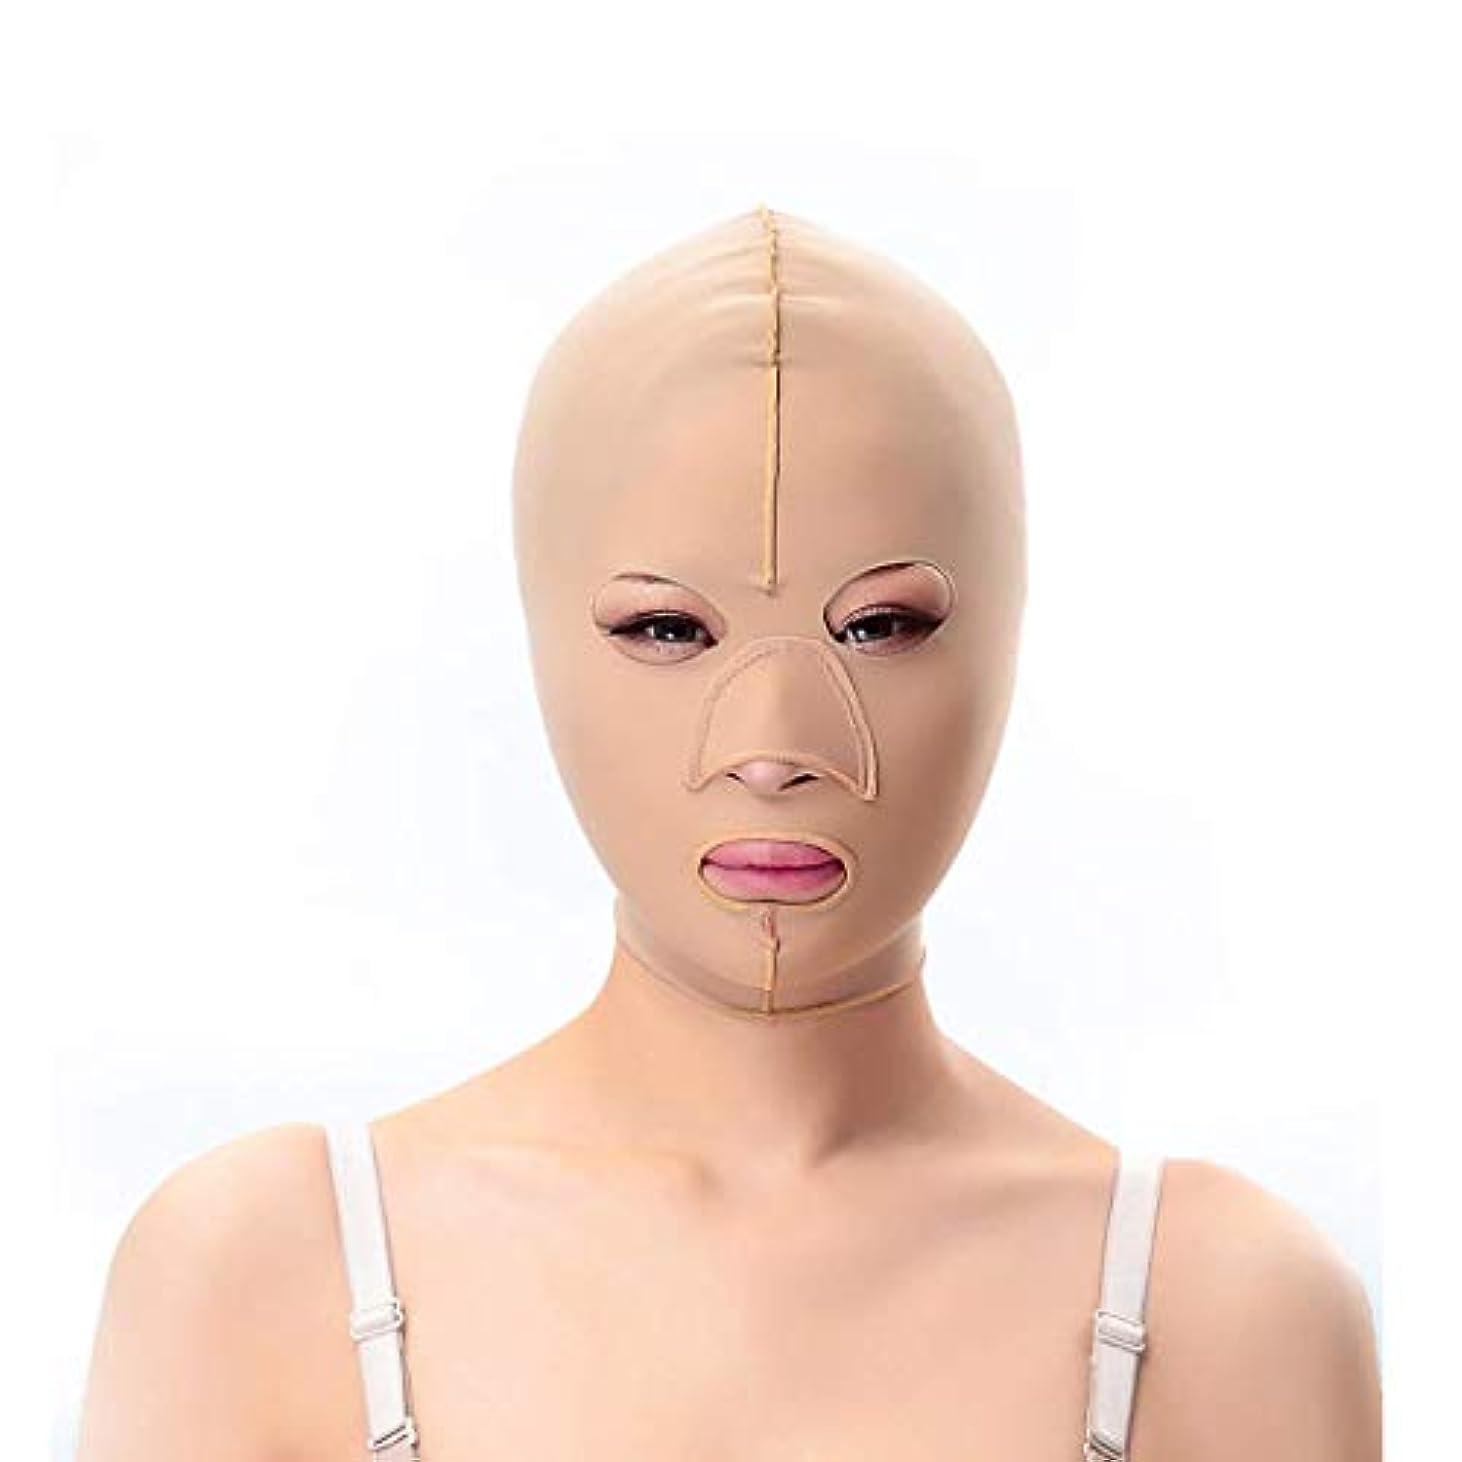 ゆりかご窒息させる安全でないスリミングベルト、二重あごの引き締め顔のプラスチックフェイスアーティファクト強力なフェイス包帯を脇に持ち上げるパターンを欺くためのフェイシャルマスクシンフェイスマスク(サイズ:L),Xl